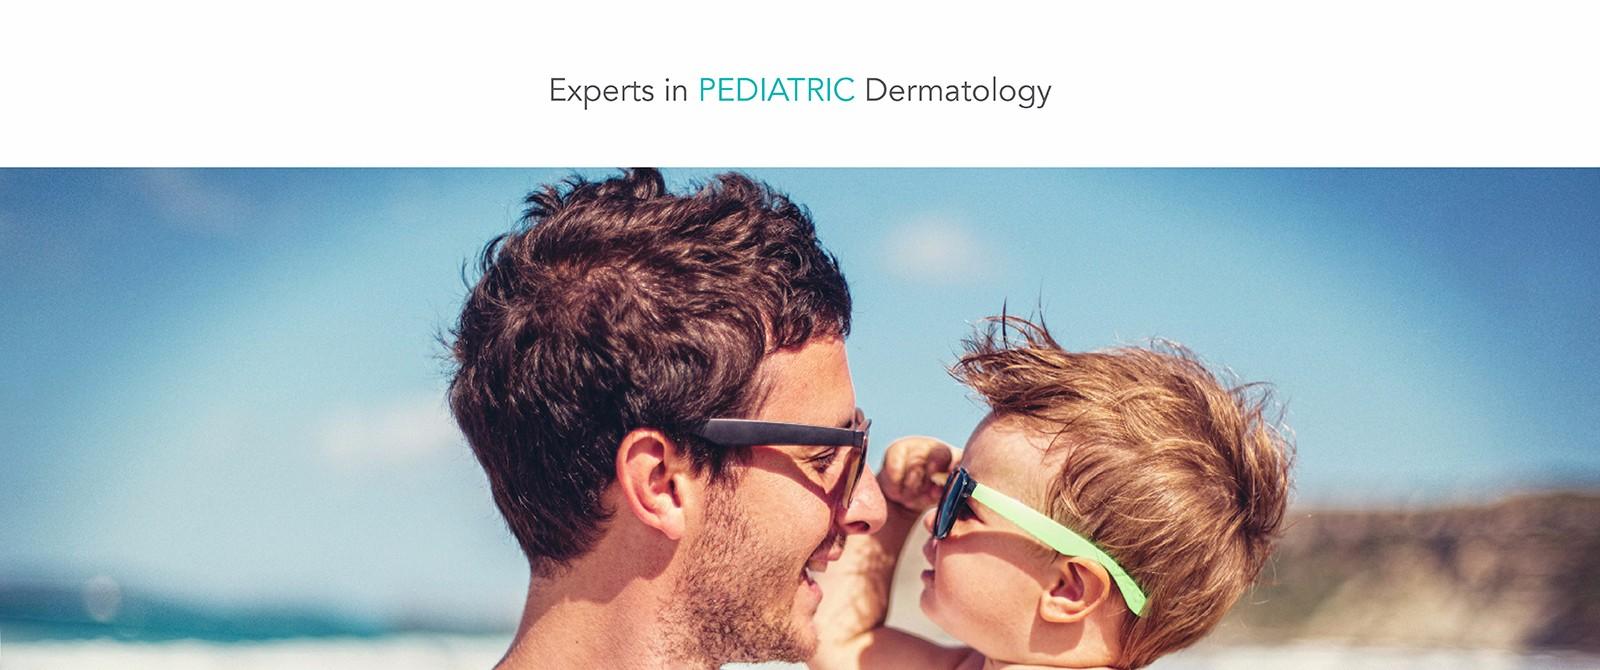 Lotus Dermatology - Experts in Pediatrics